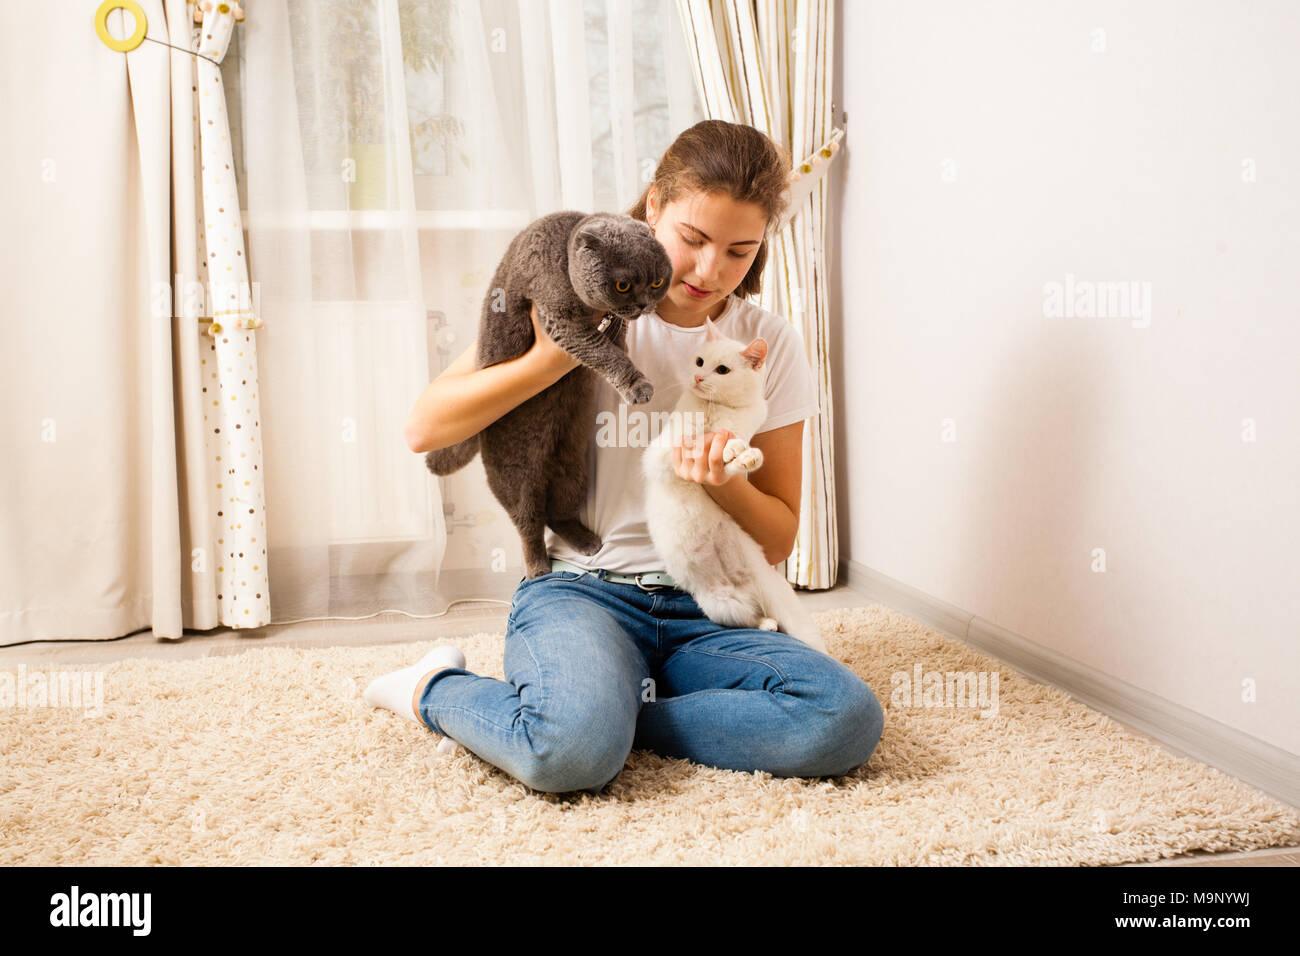 La fille est passer du temps libre avec ses chats Photo Stock